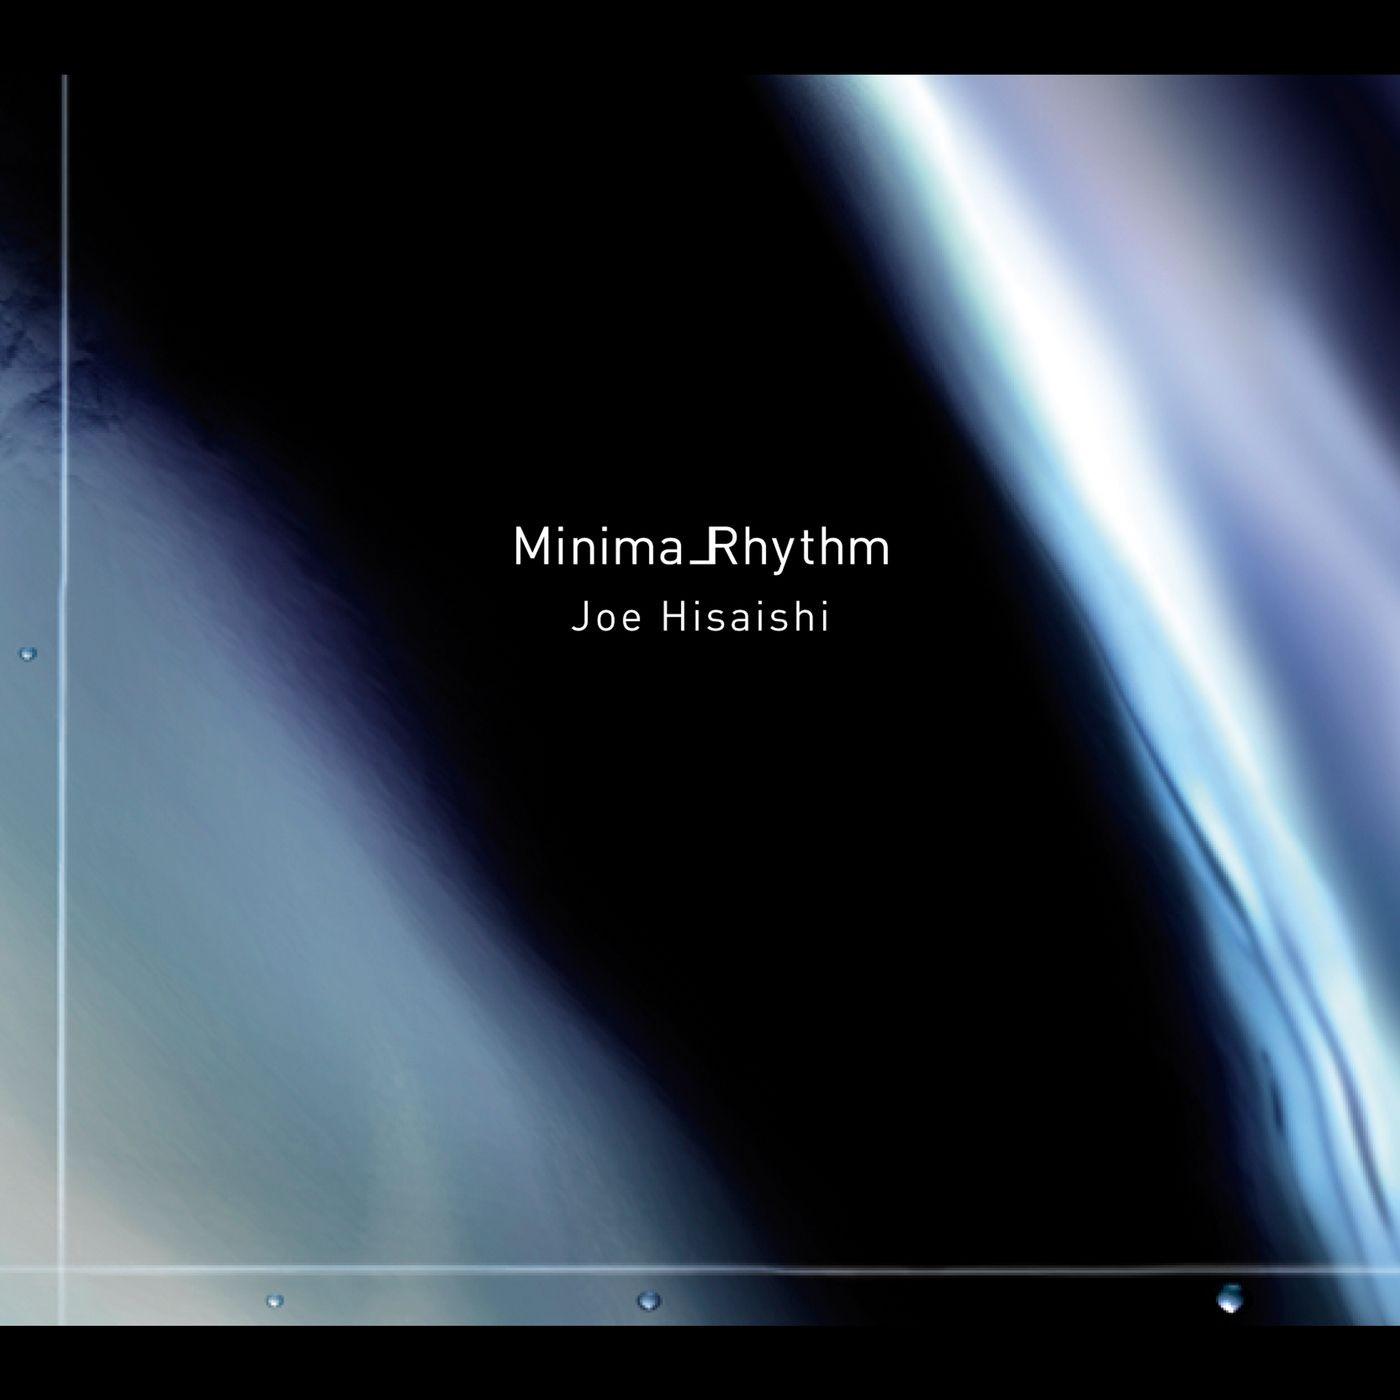 久石譲 (Joe Hisaishi) – Minima_Rhythm (ミニマリズム) [FLAC / 24bit Lossless / WEB] [2009.08.12]